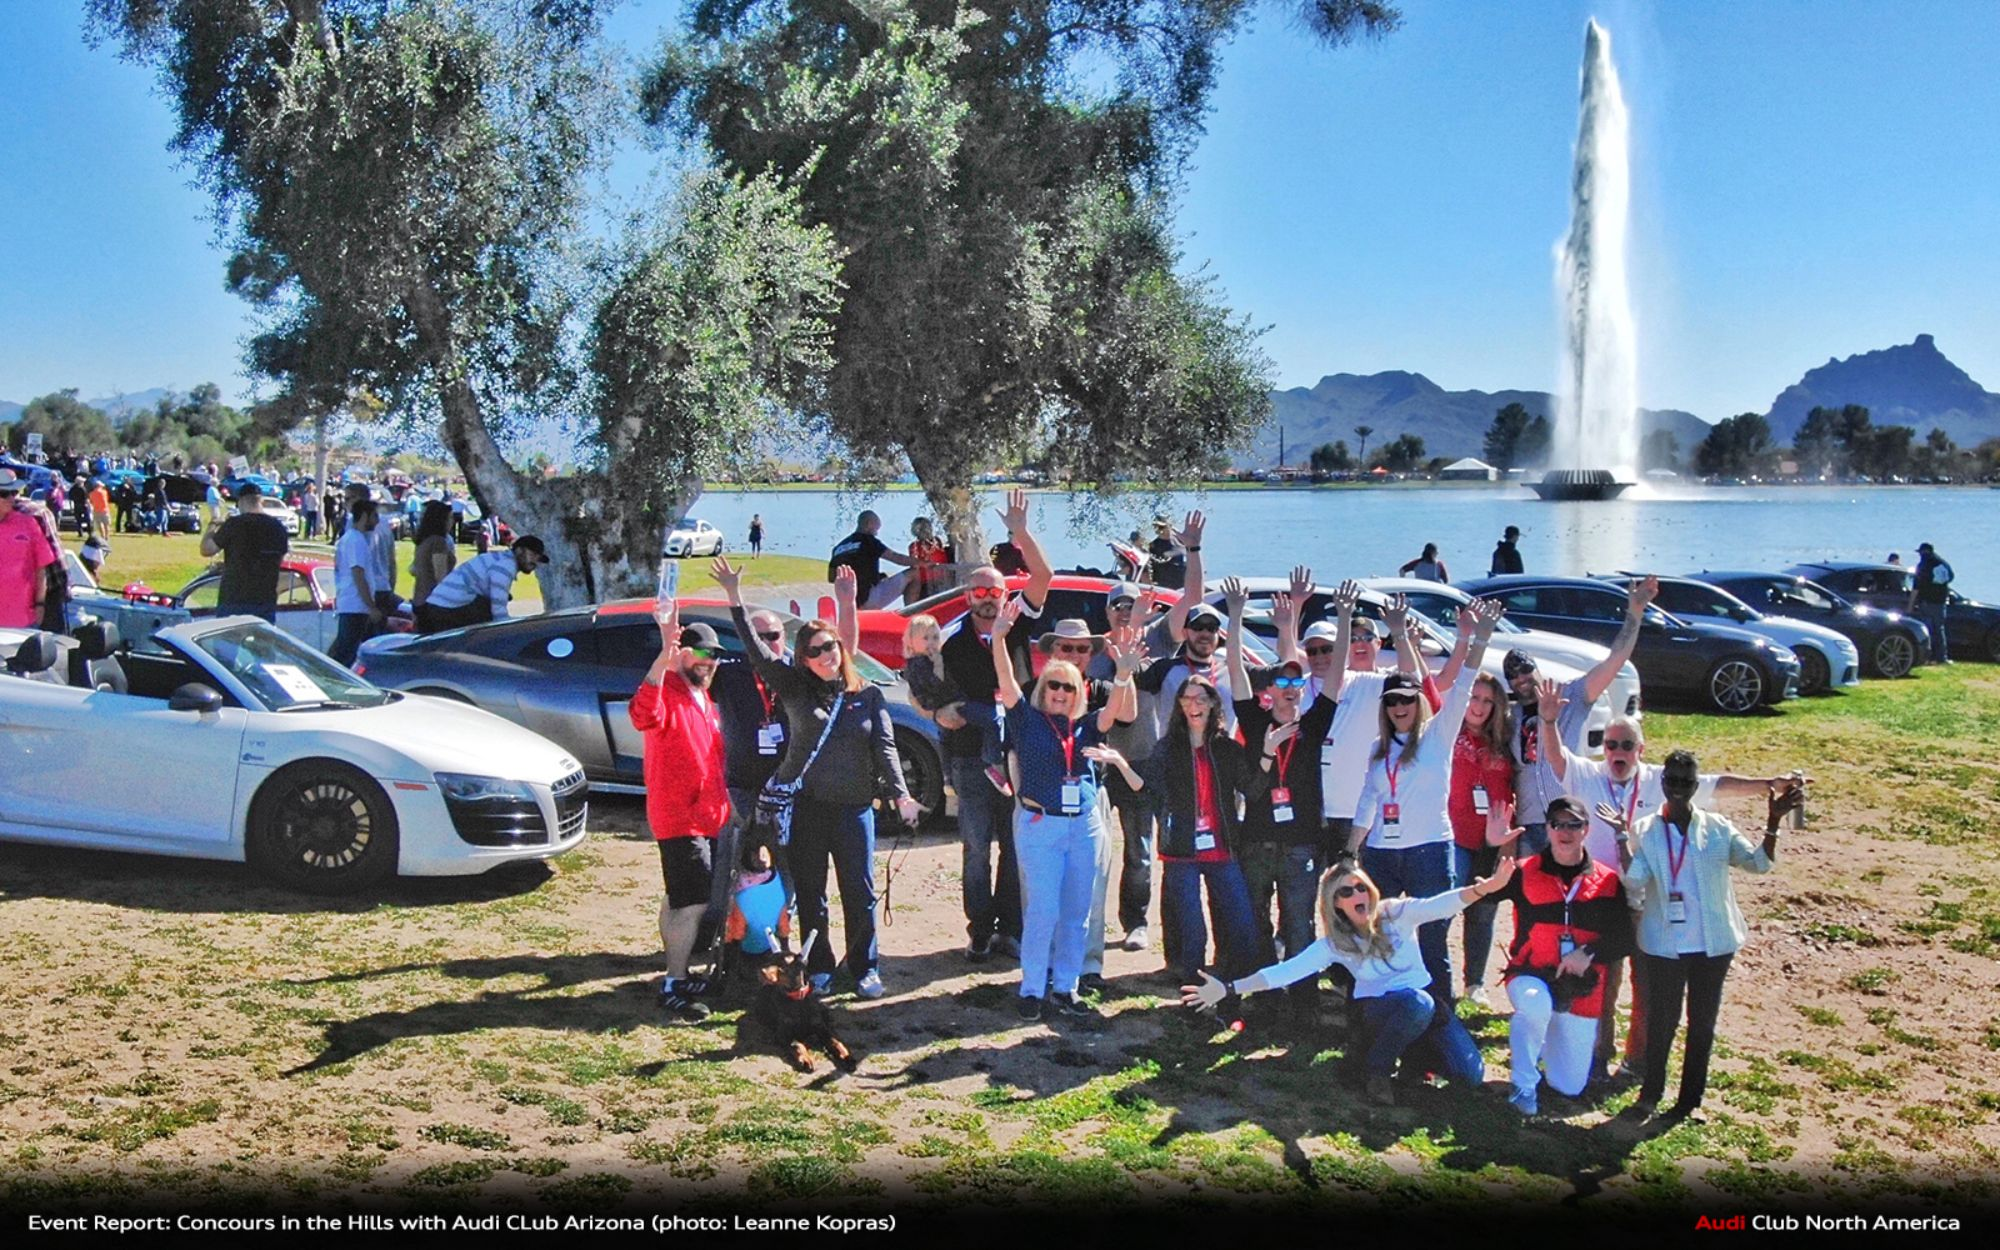 quattro Magazine Q2_2020 Event Report: Concours in the Hills with Audi Club Arizona